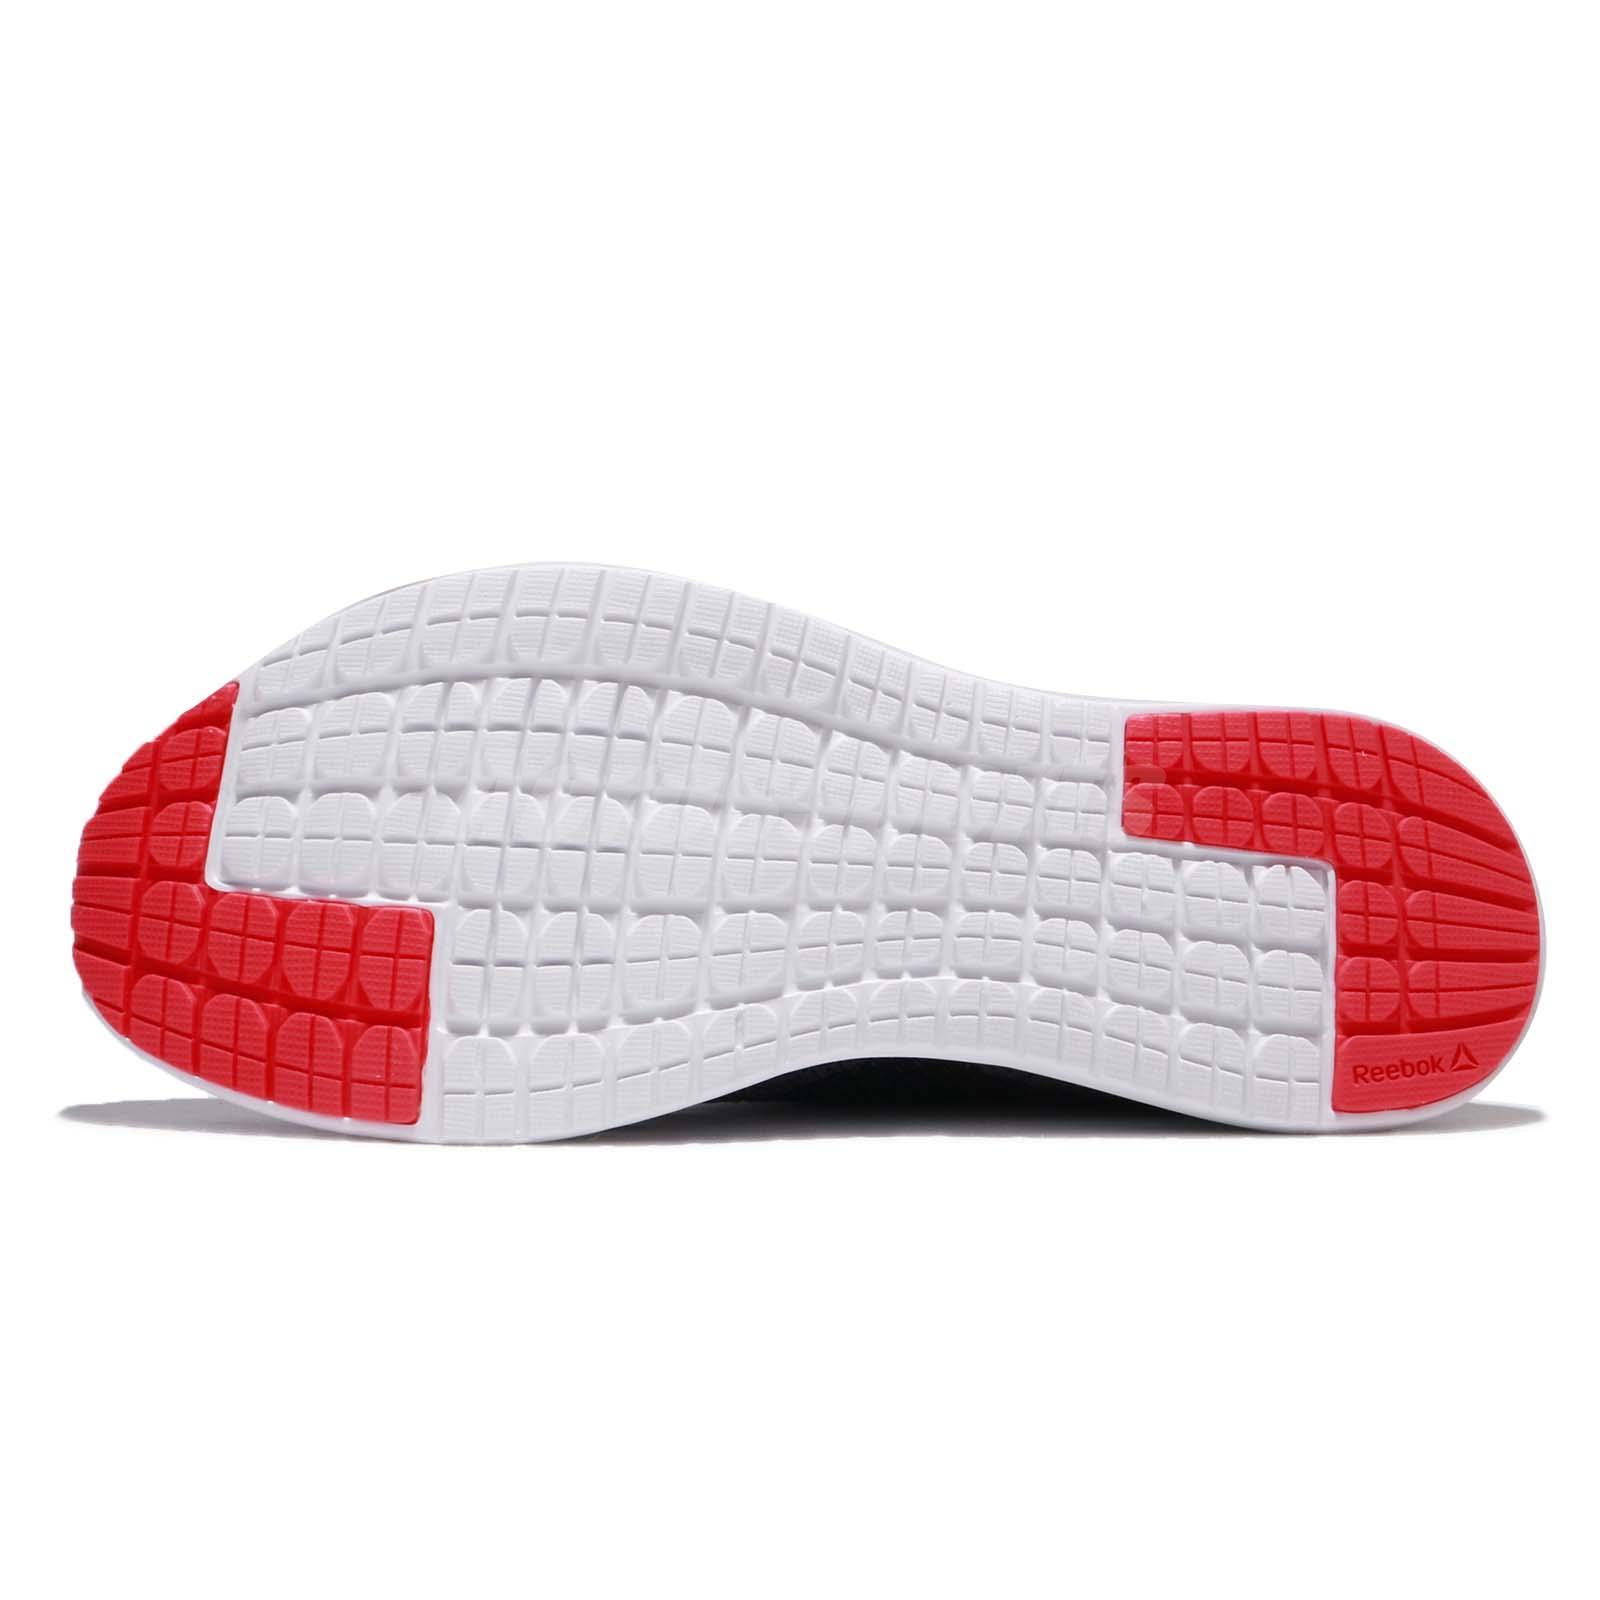 ac2205602125 Reebok Plus Runner ULTK UltraKnit Coal Red White Men Running Shoe ...